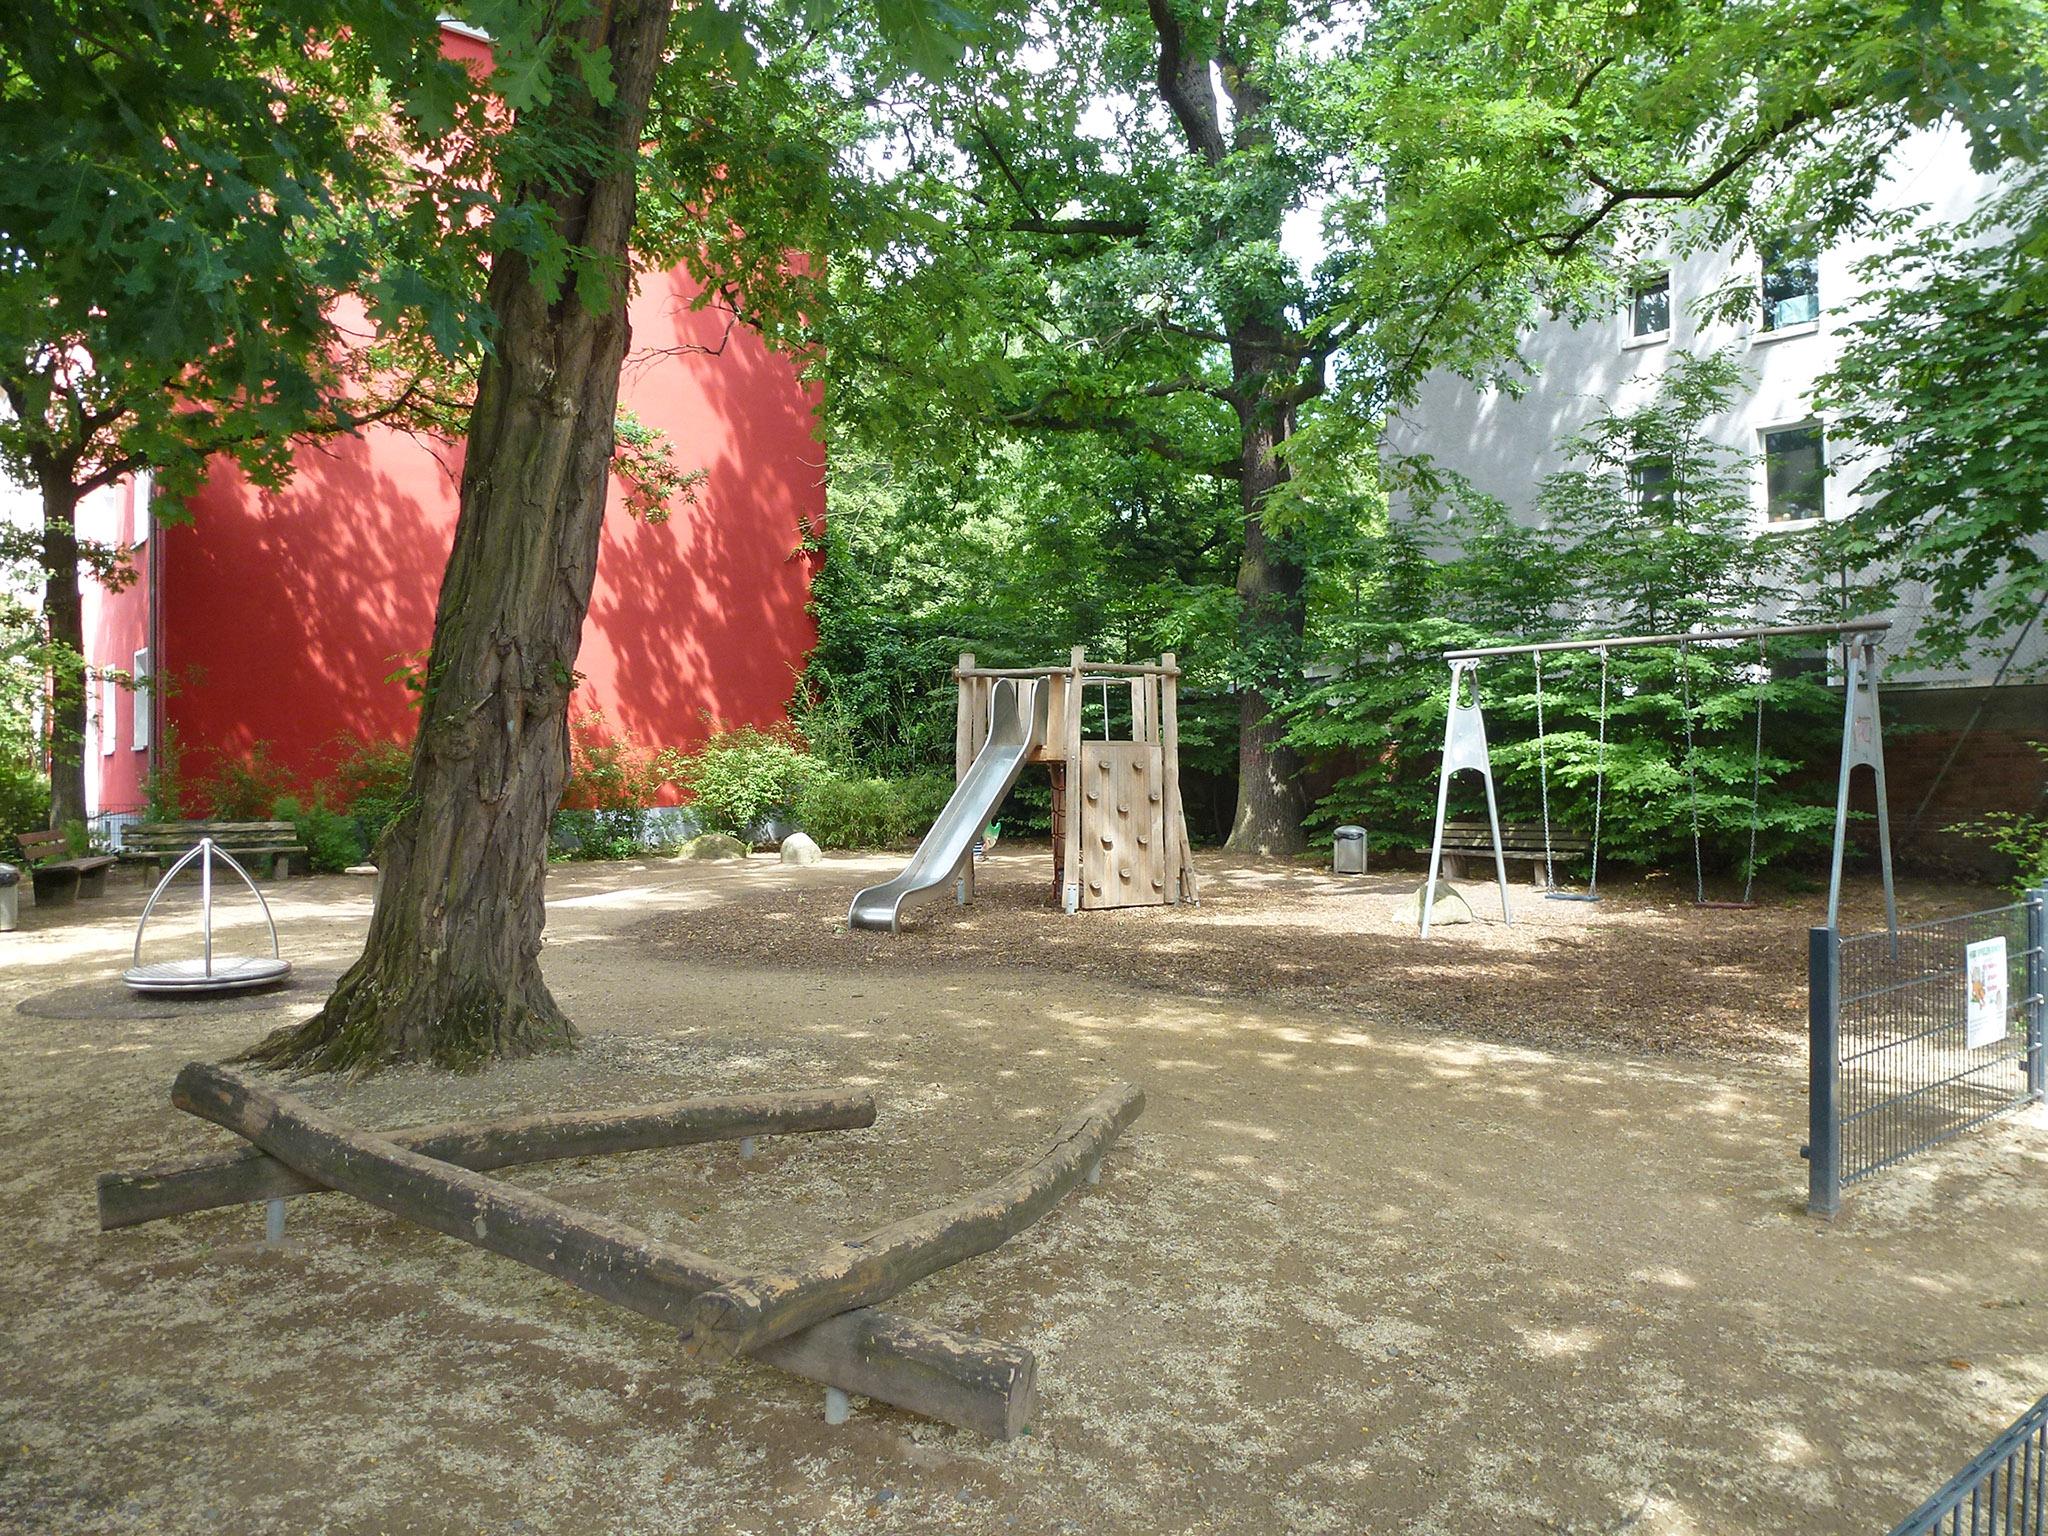 Auf dem Spielplatz Sonnenweg/Rauenstraße zwischen Häusern gibt es unter Bäumen zwei Ruhebänke für Begleitpersonen, eine Kinderrutsche, zwei Schaukeln, einen Drehkreisel und drei übereinandergelegte Baumstämme zum Balancieren.